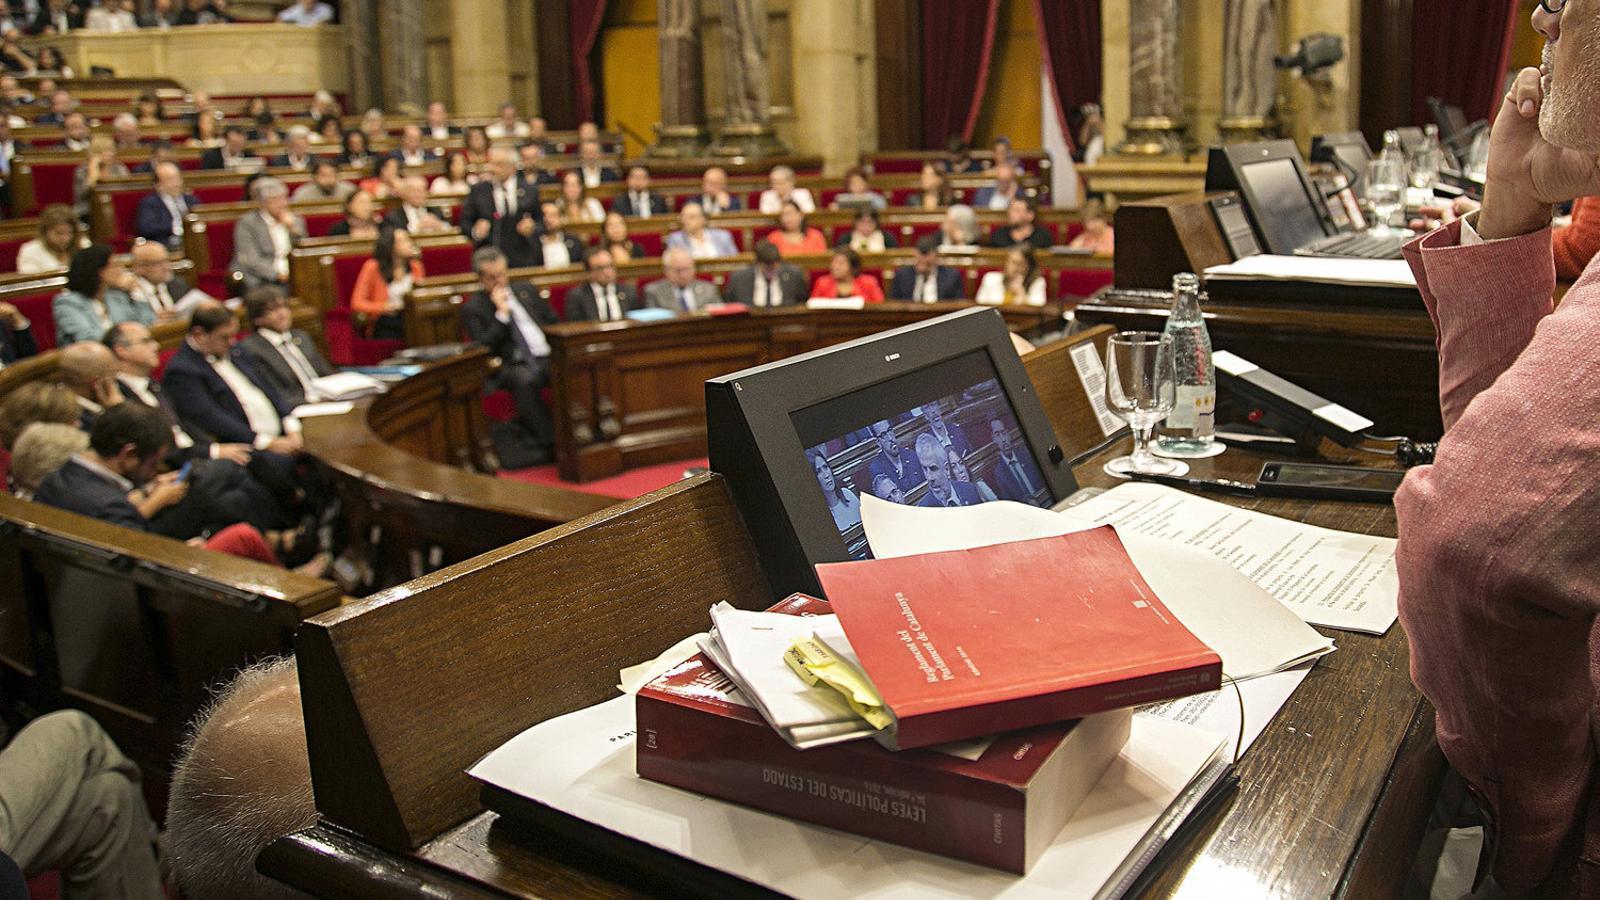 Imatge de l'hemicicle del Parlament des de la mesa durant el ple de la llei del referèndum.